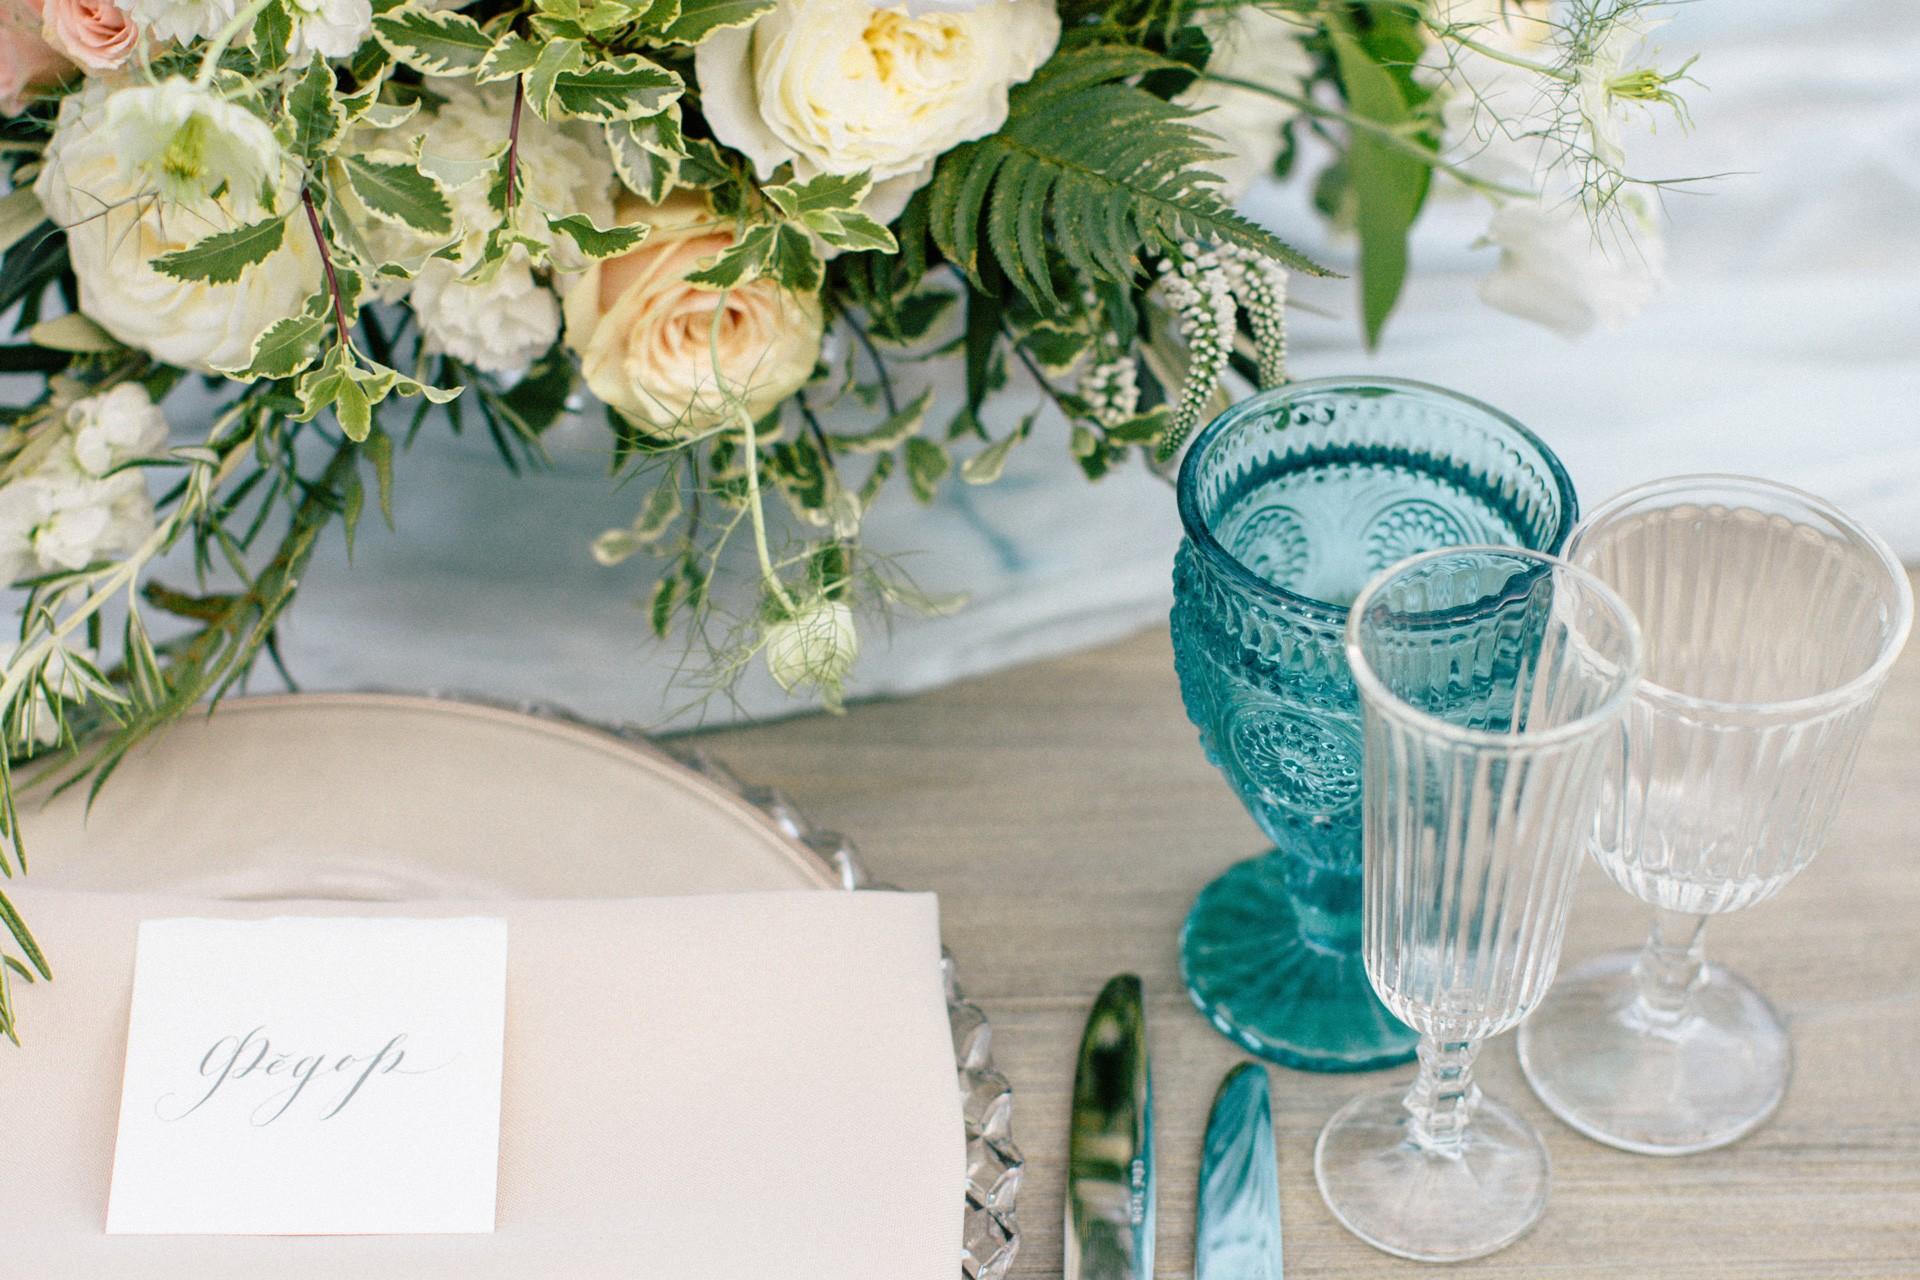 Декоратор Ольга Белецкая: «Свадебные декорации должны отличаться от театральных» фото 8